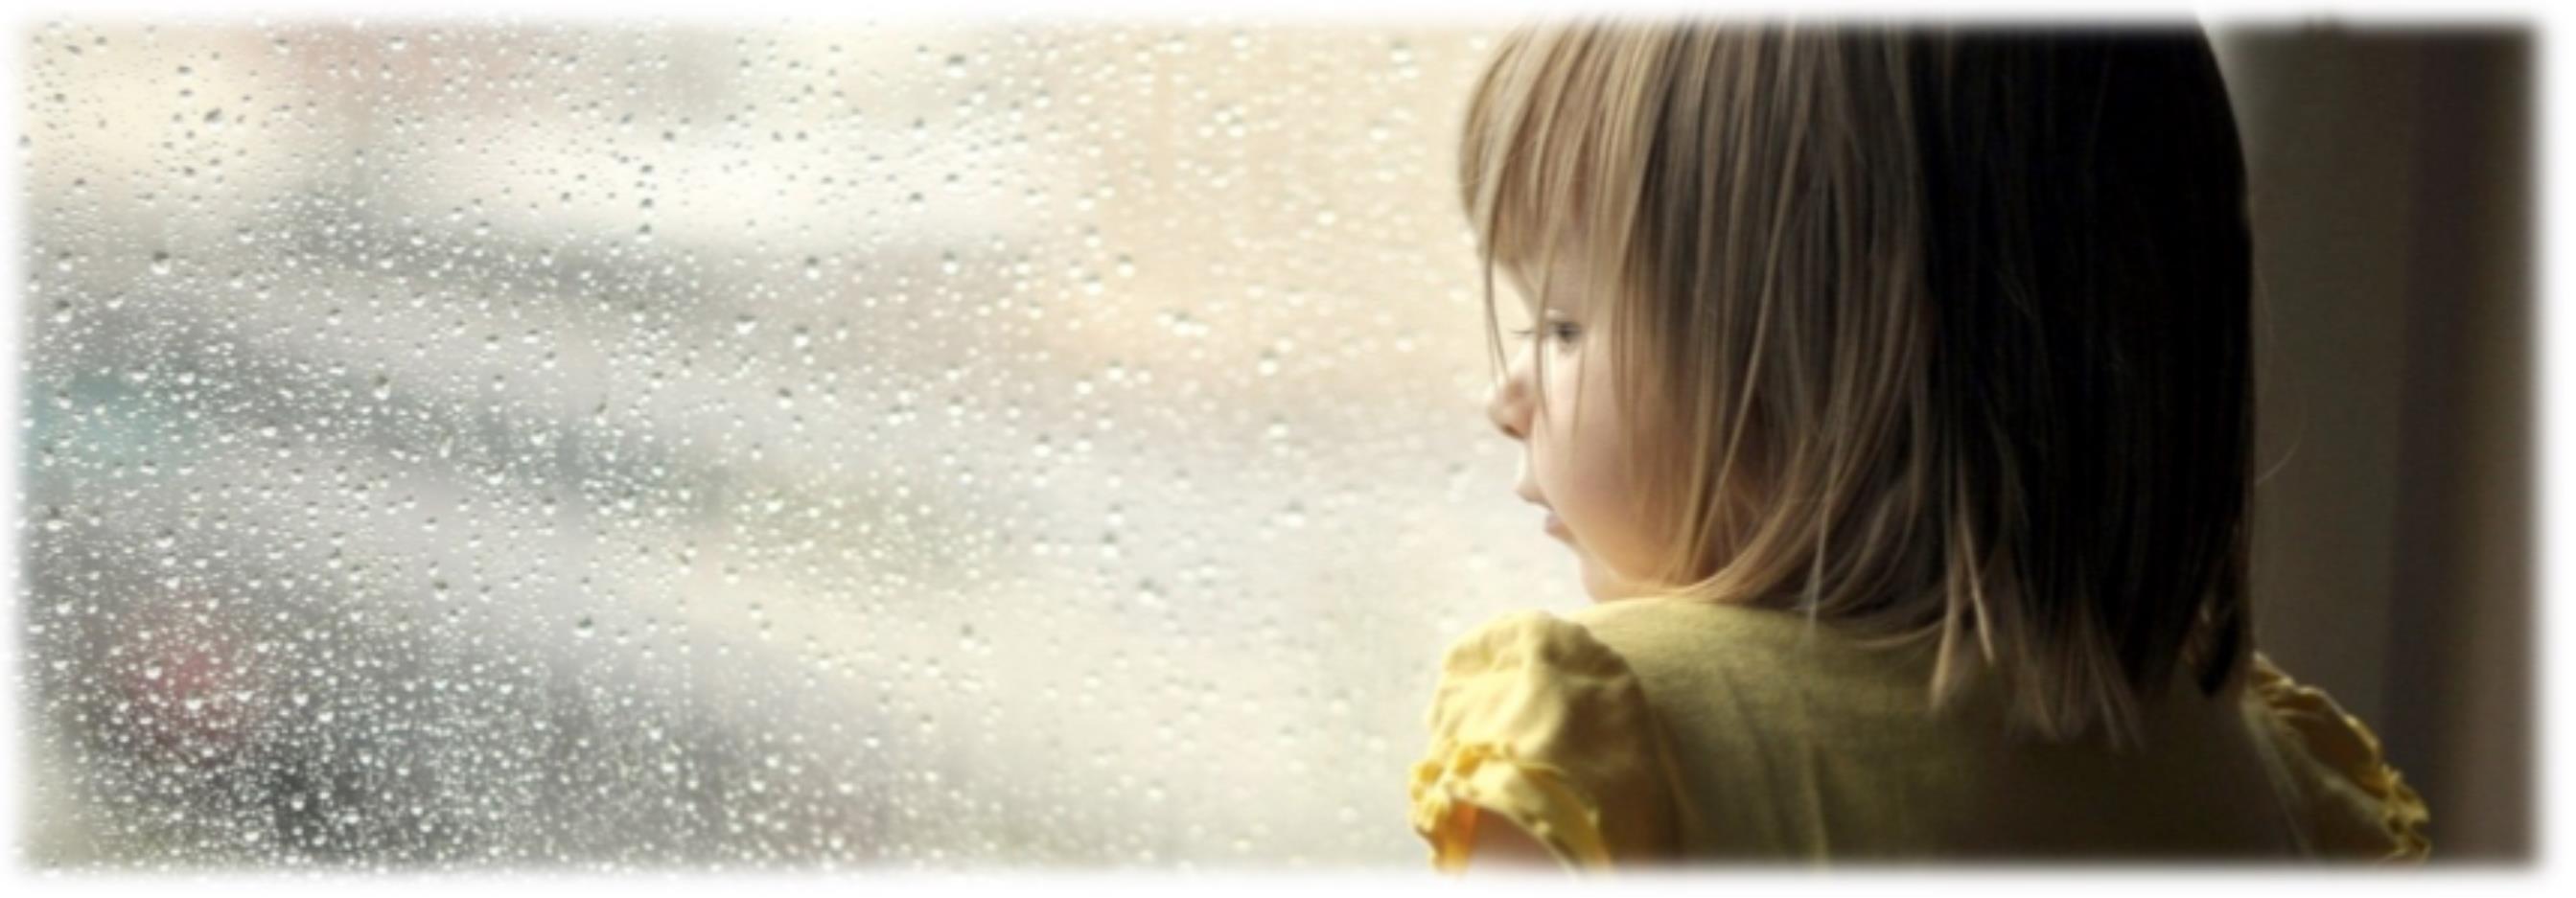 Euthanasie kinderen